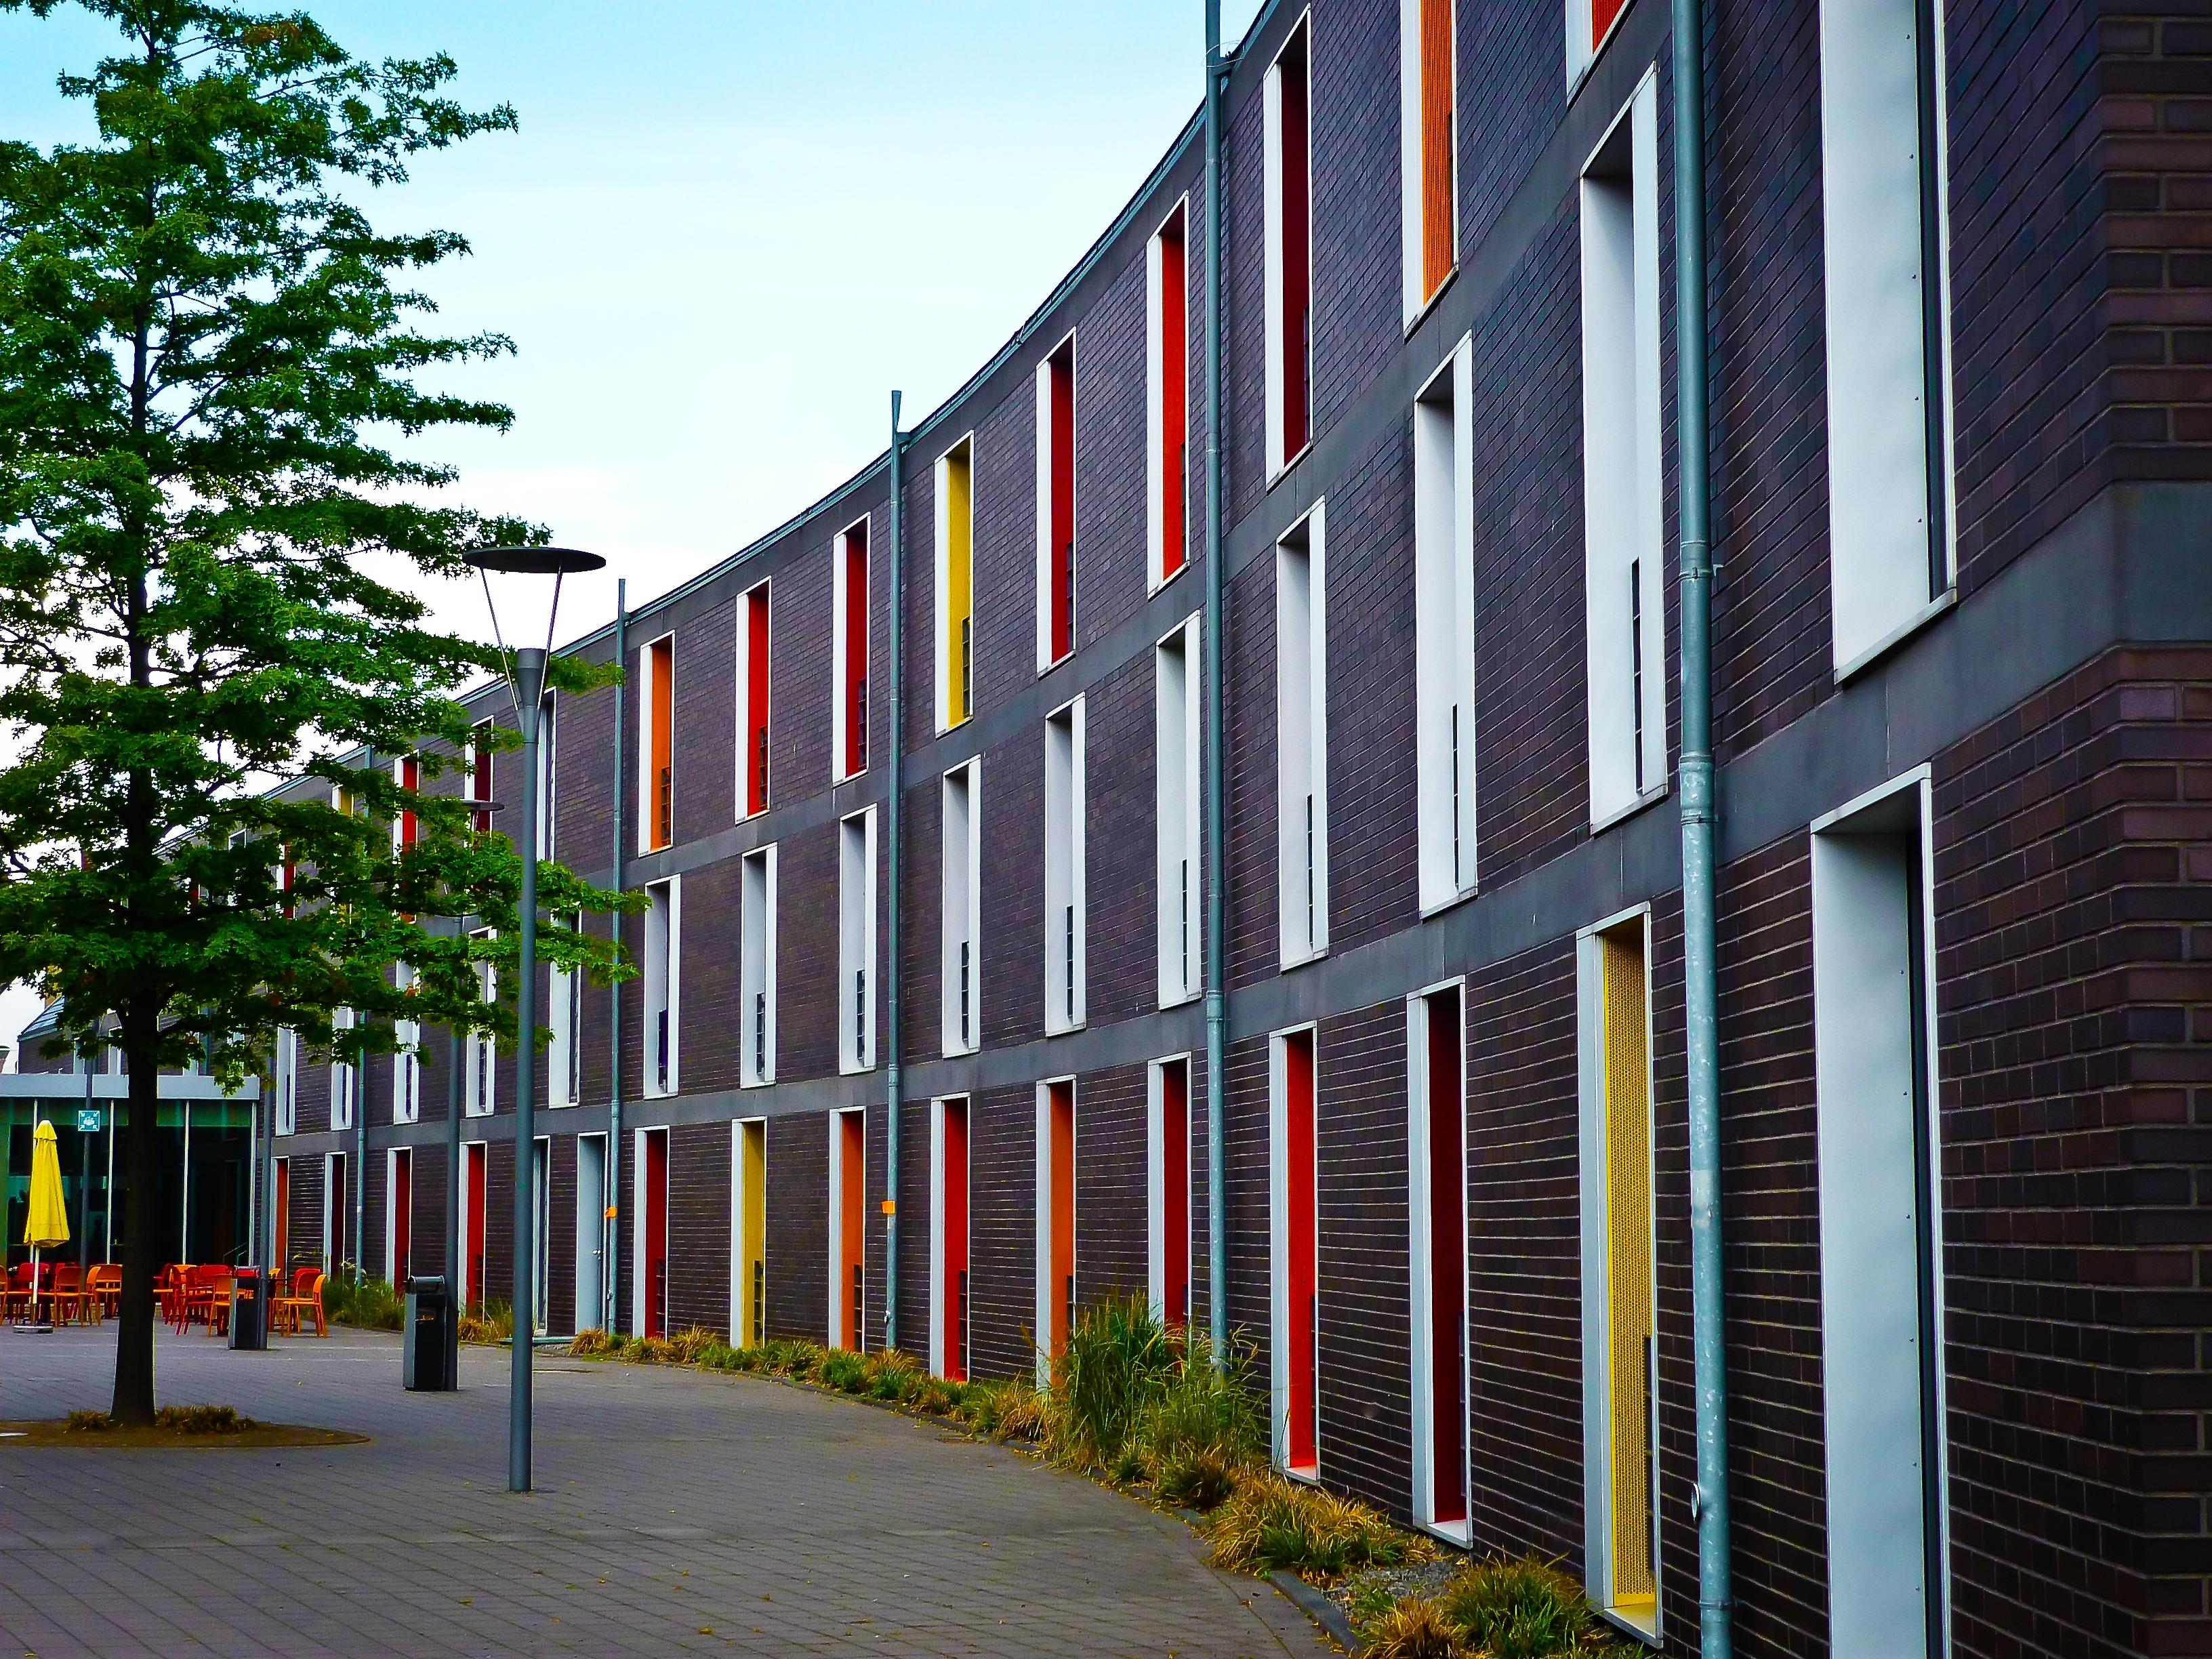 Fassade Modern kostenlose foto die architektur haus fenster gebäude stadt